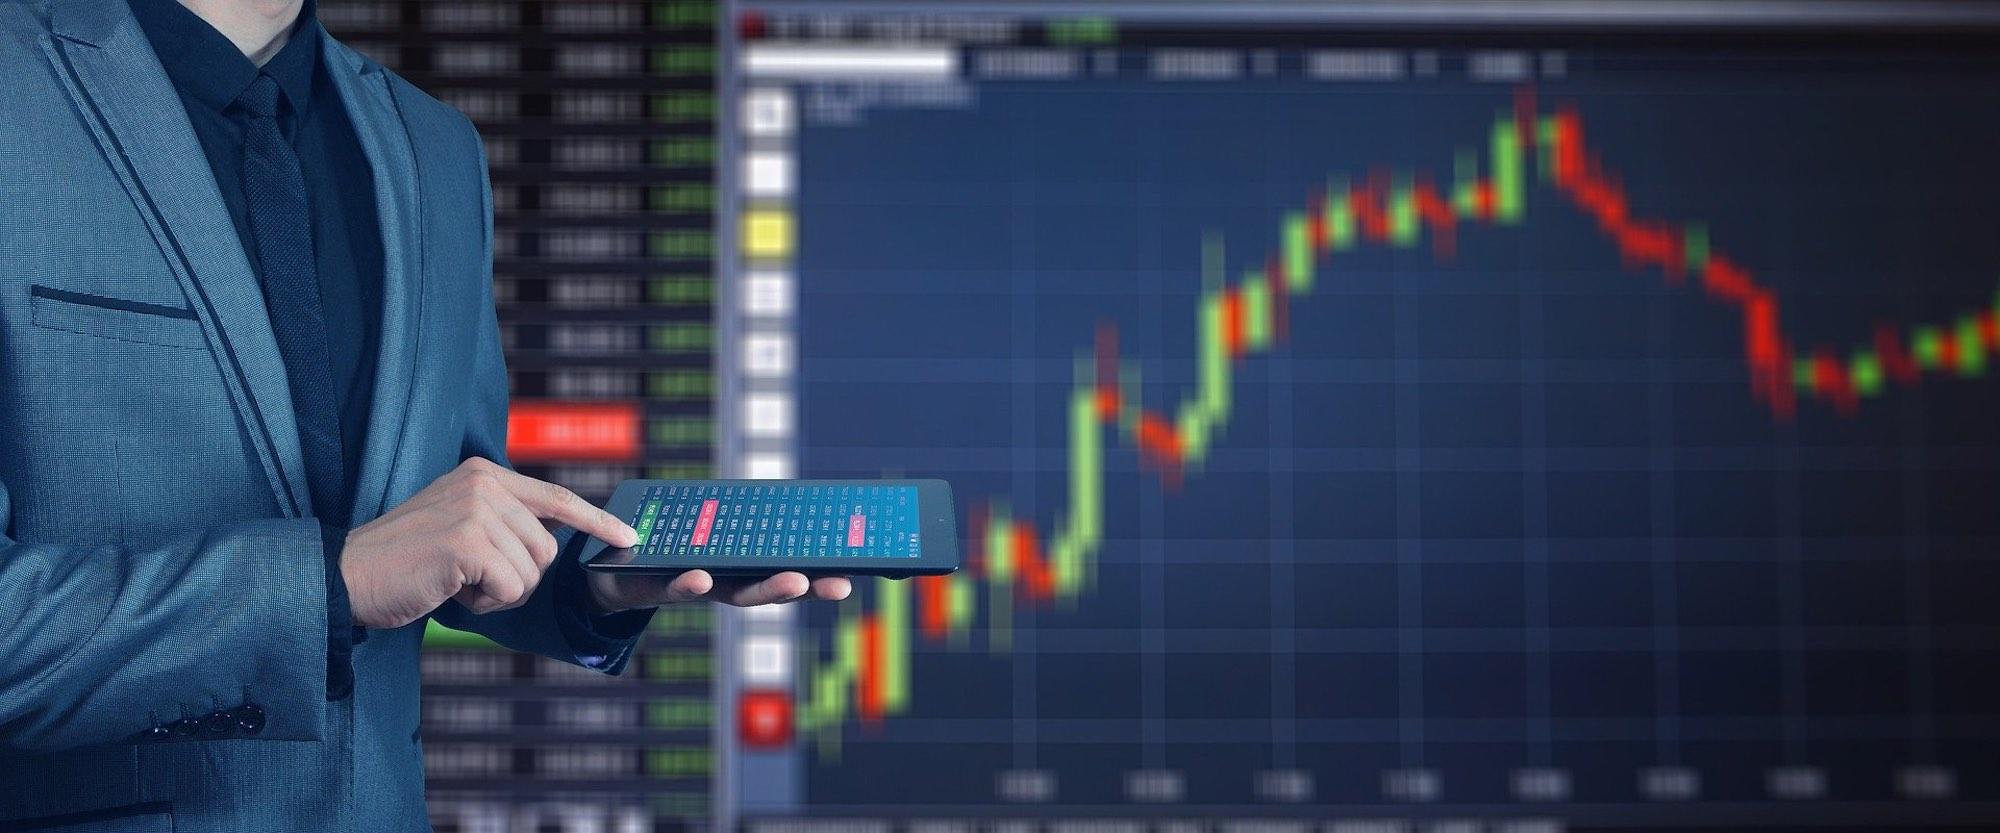 تدوال الأسهم والعملات